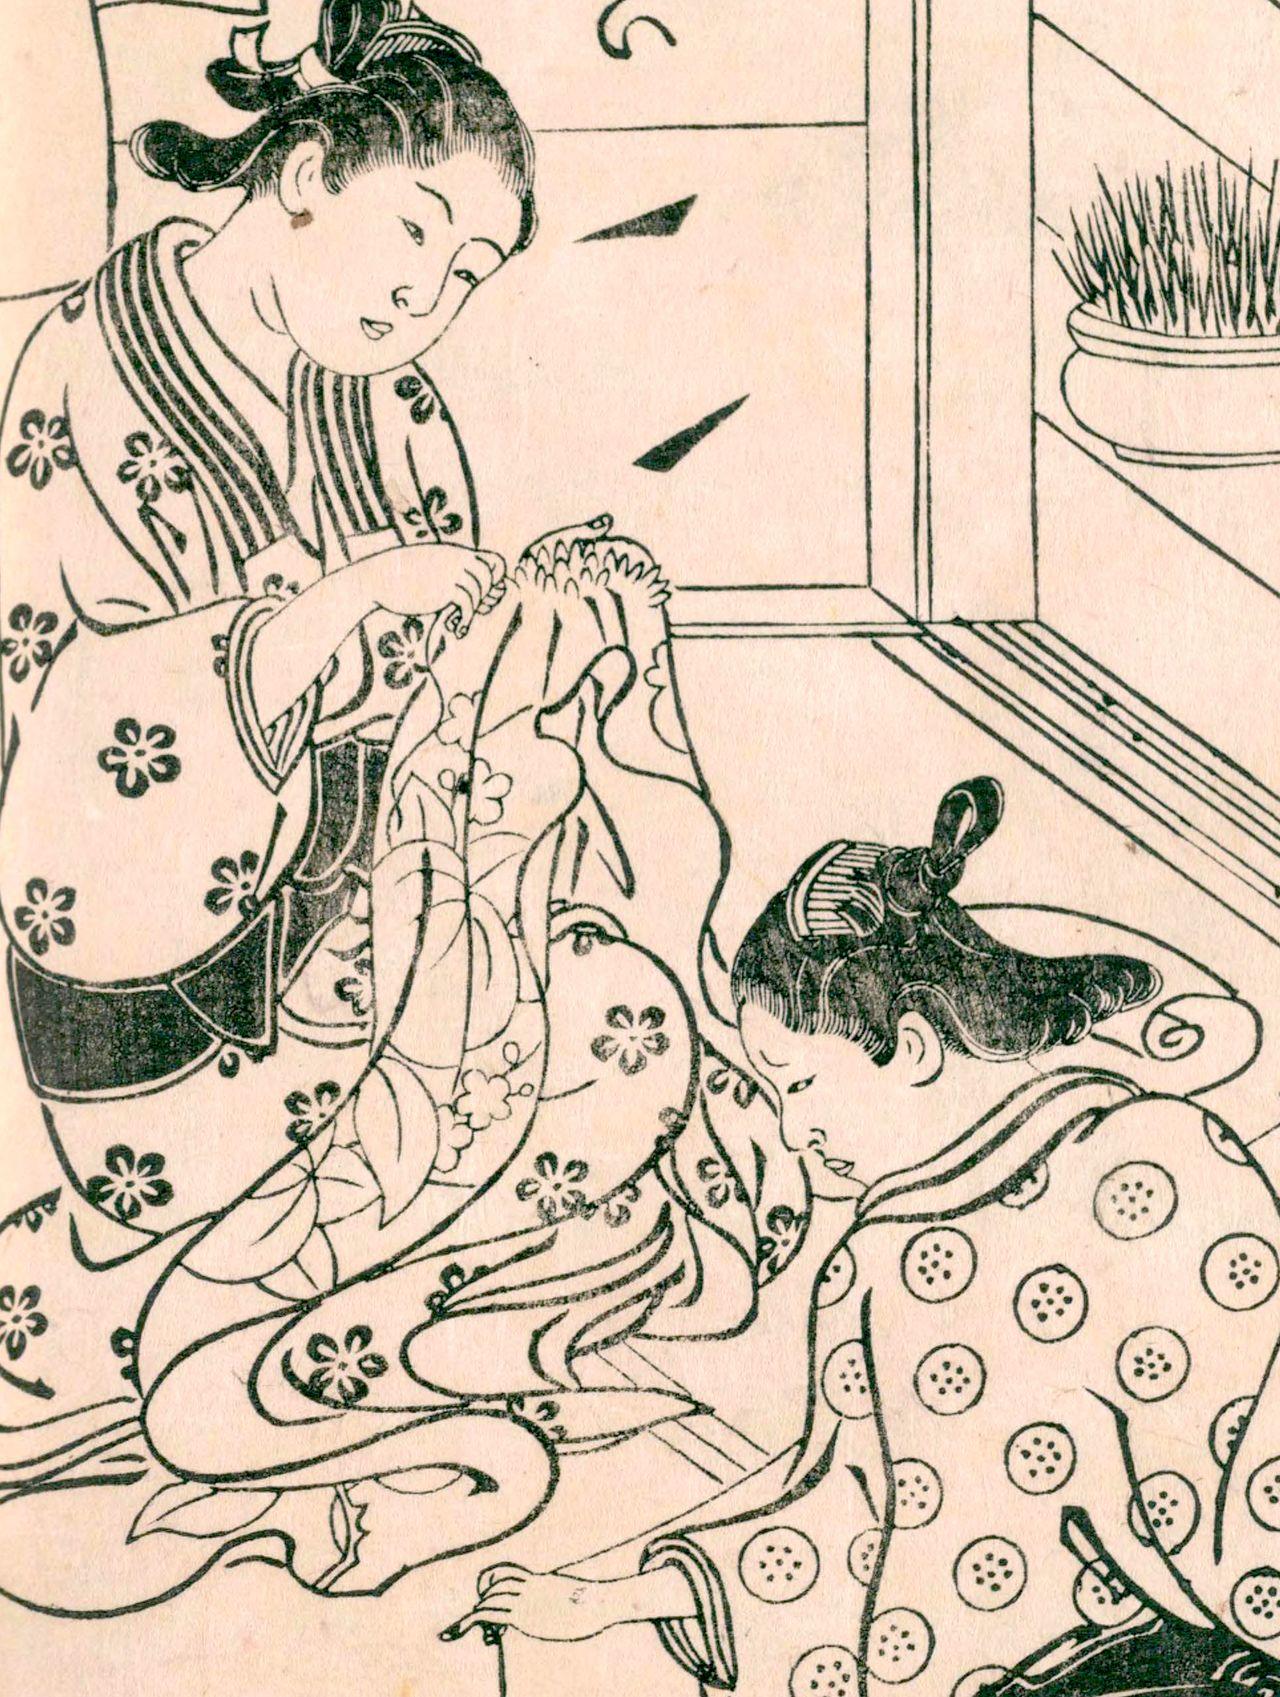 Дочь горожанина учится шить (Хякунин дзёро синасадамэ, «Сравнение сотни женщин», Национальная парламентская библиотека)